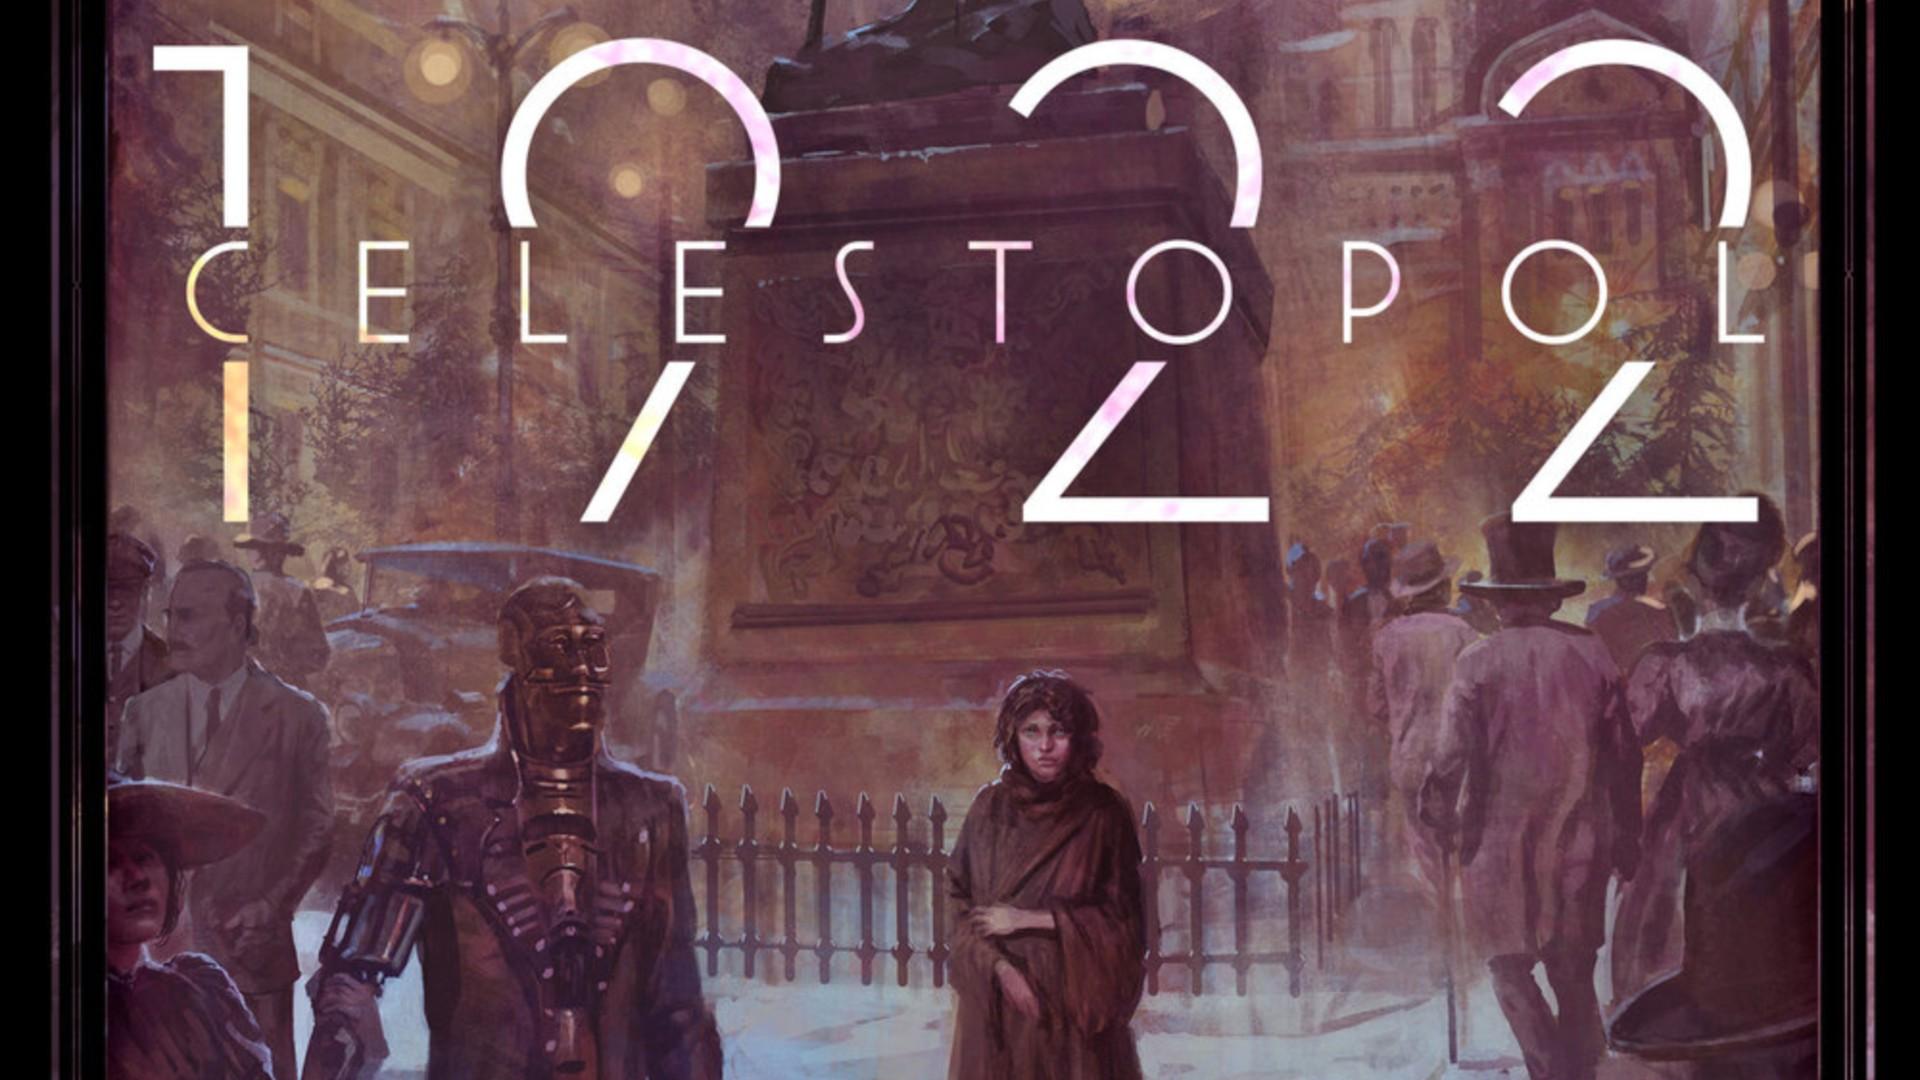 Célestopol 1922: uchronie steampunk et mélancolique d'une cité slave sur la Lune